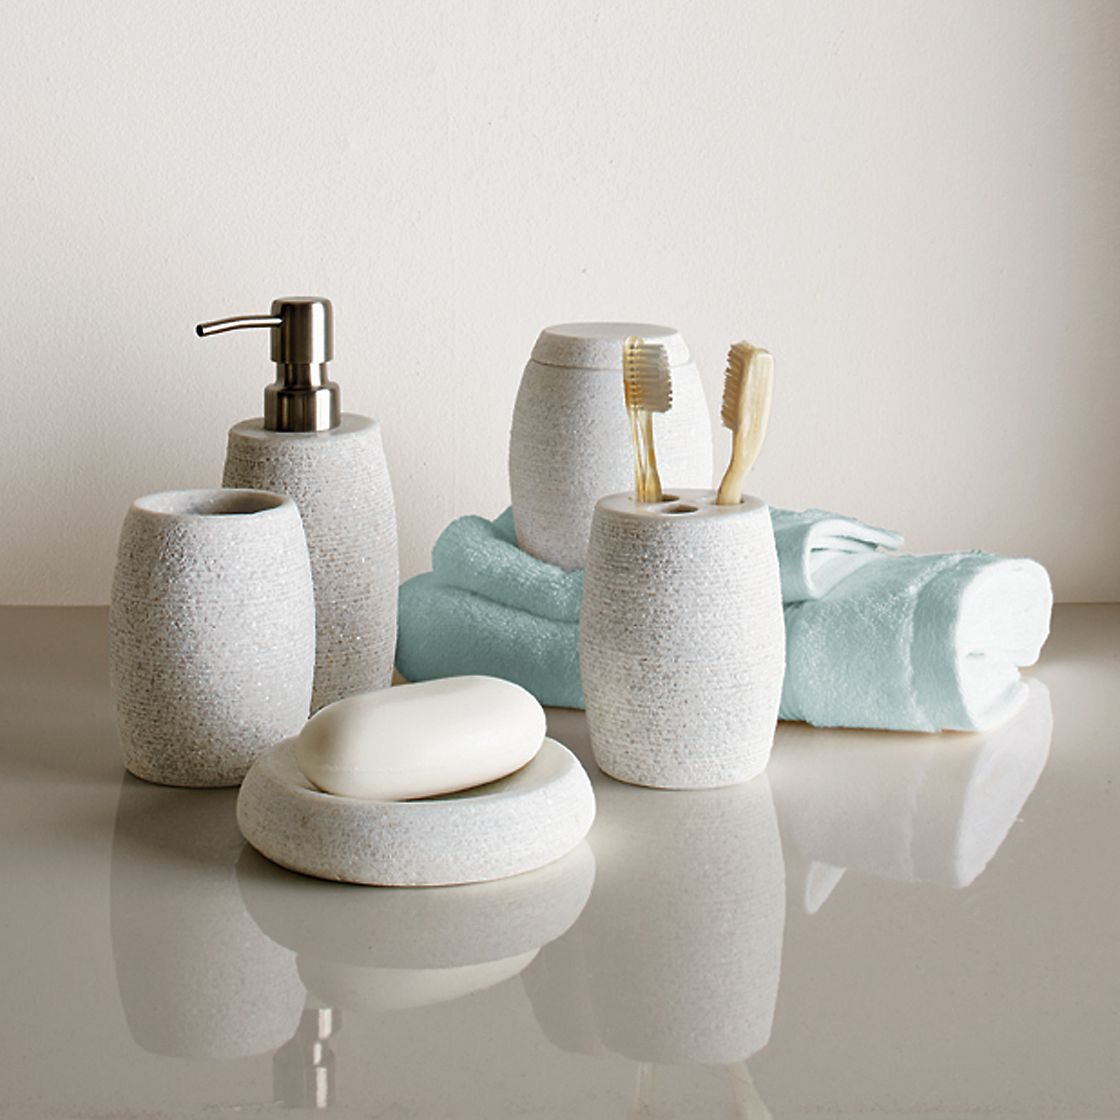 spa bathroom supplies photo - 2